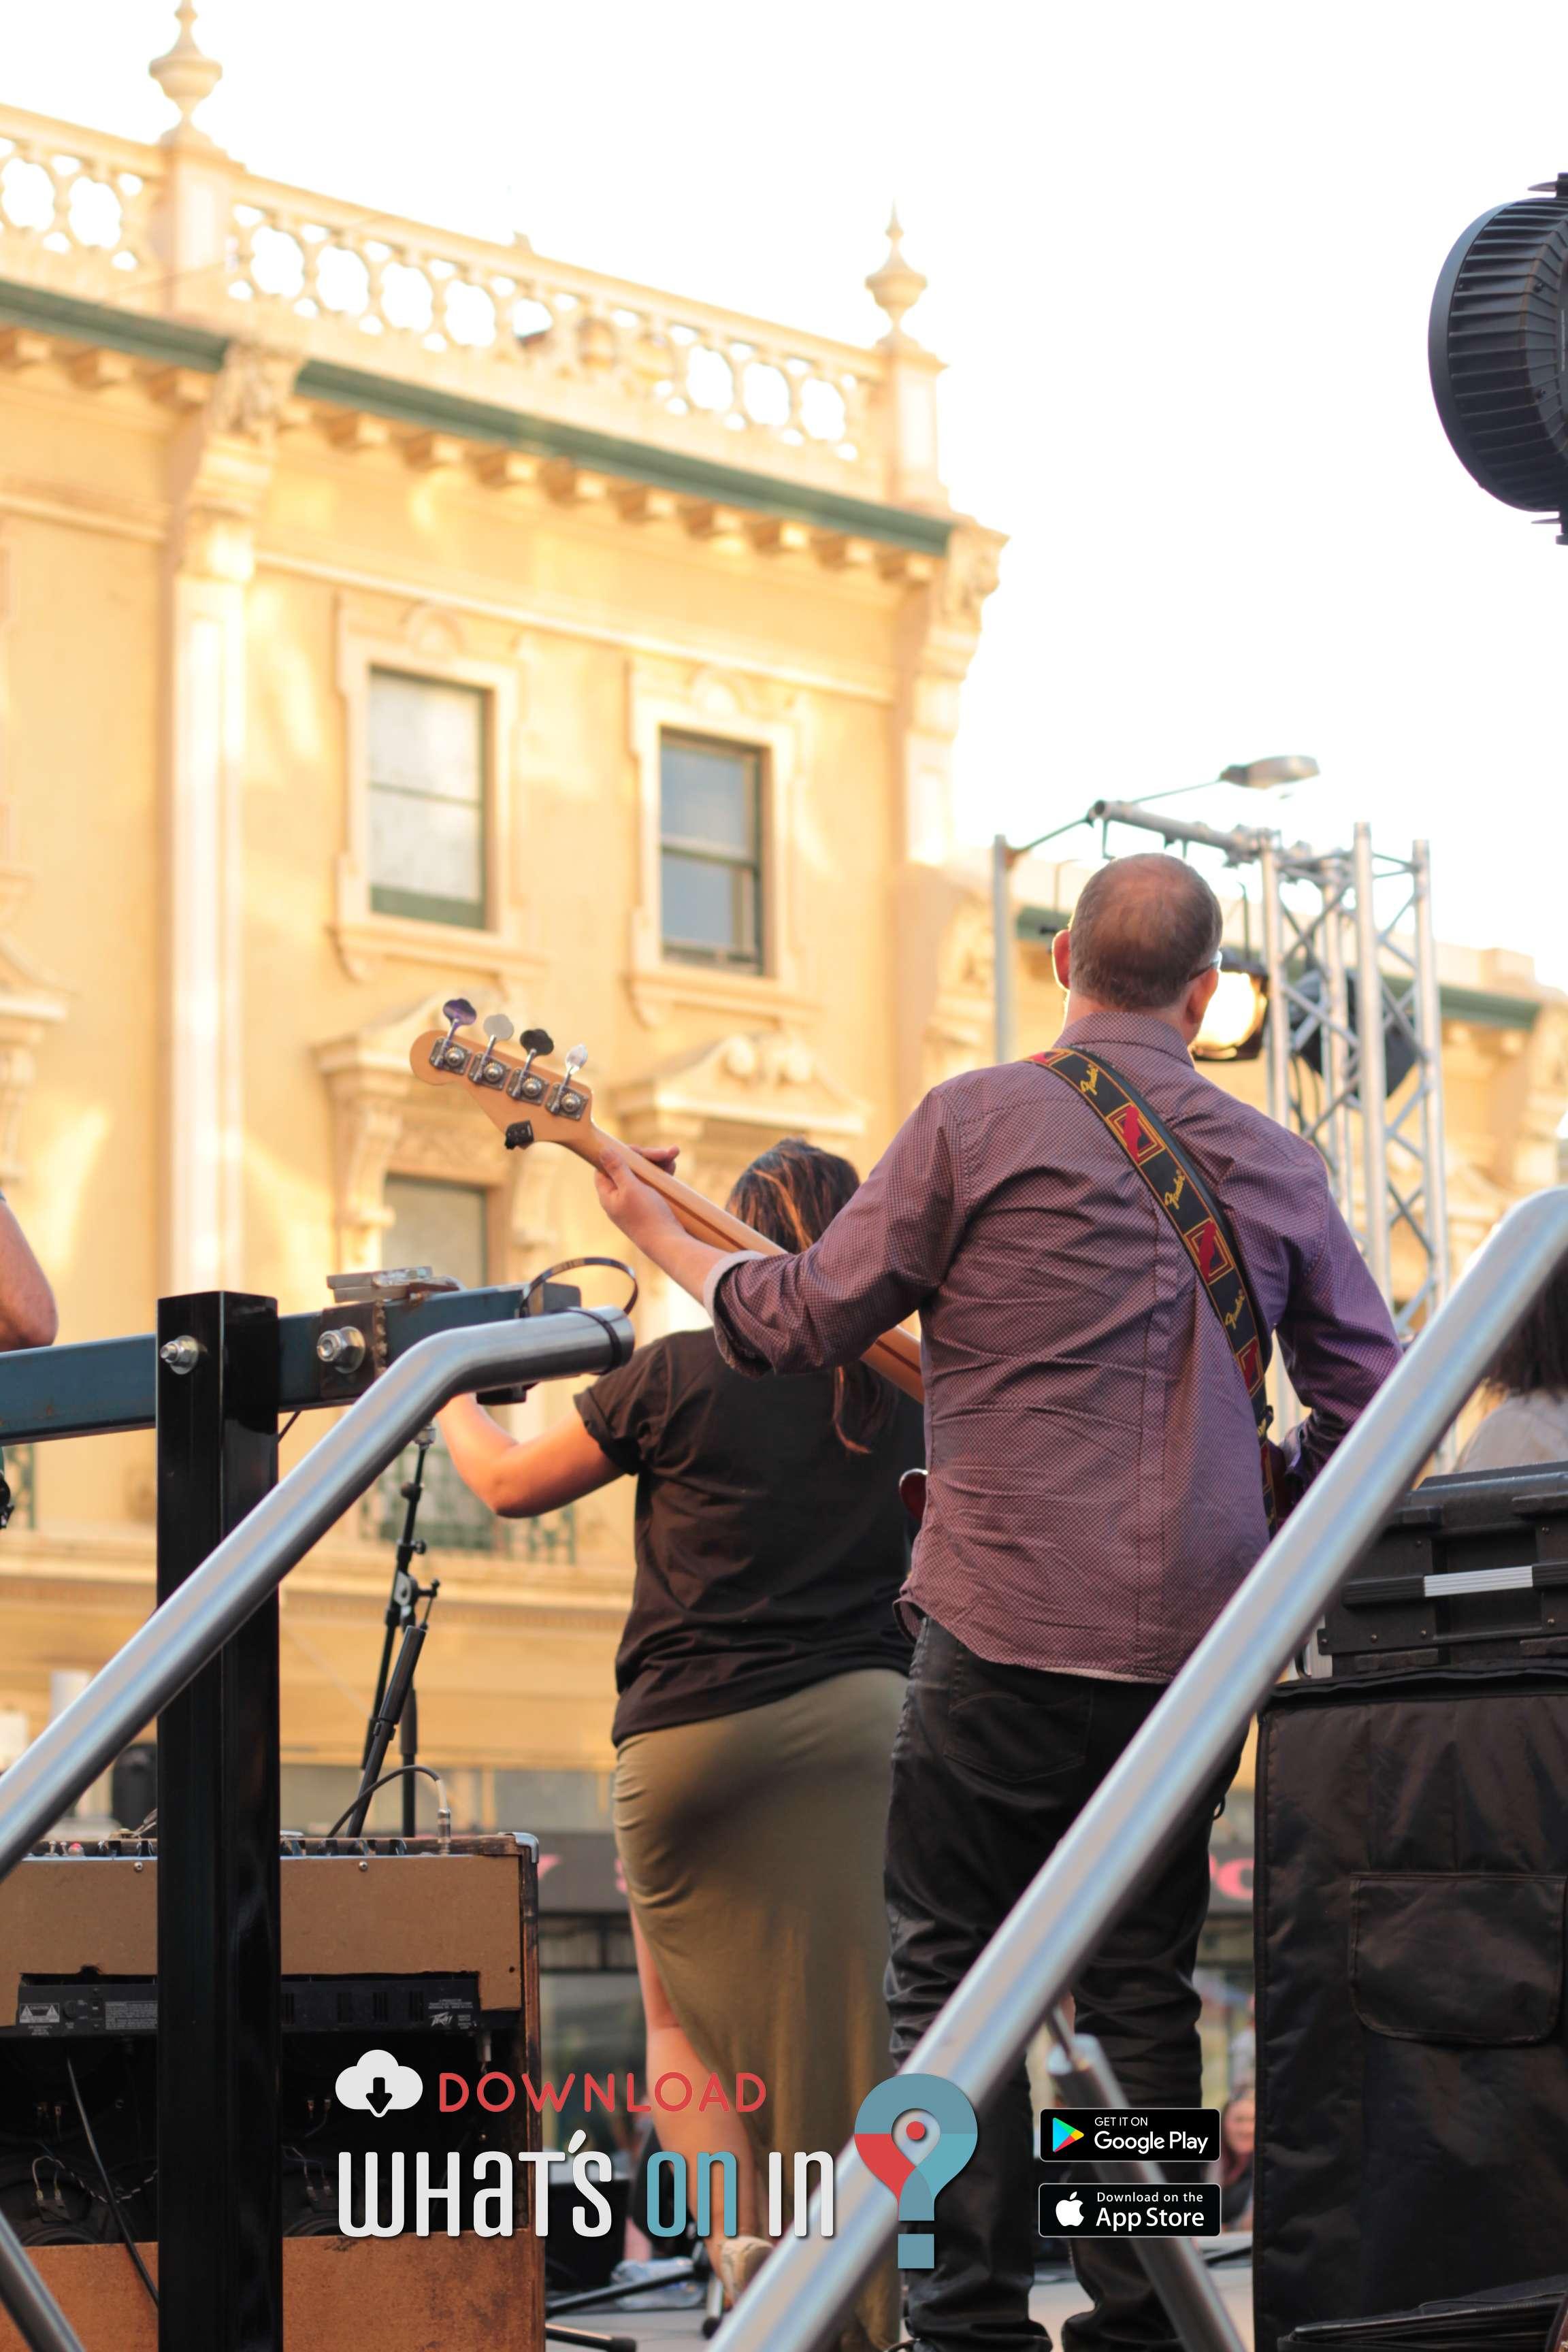 Fiesta on George Festival, Launceston, Tasmania 2016 - What's On In App 222 IMG_7988.jpg